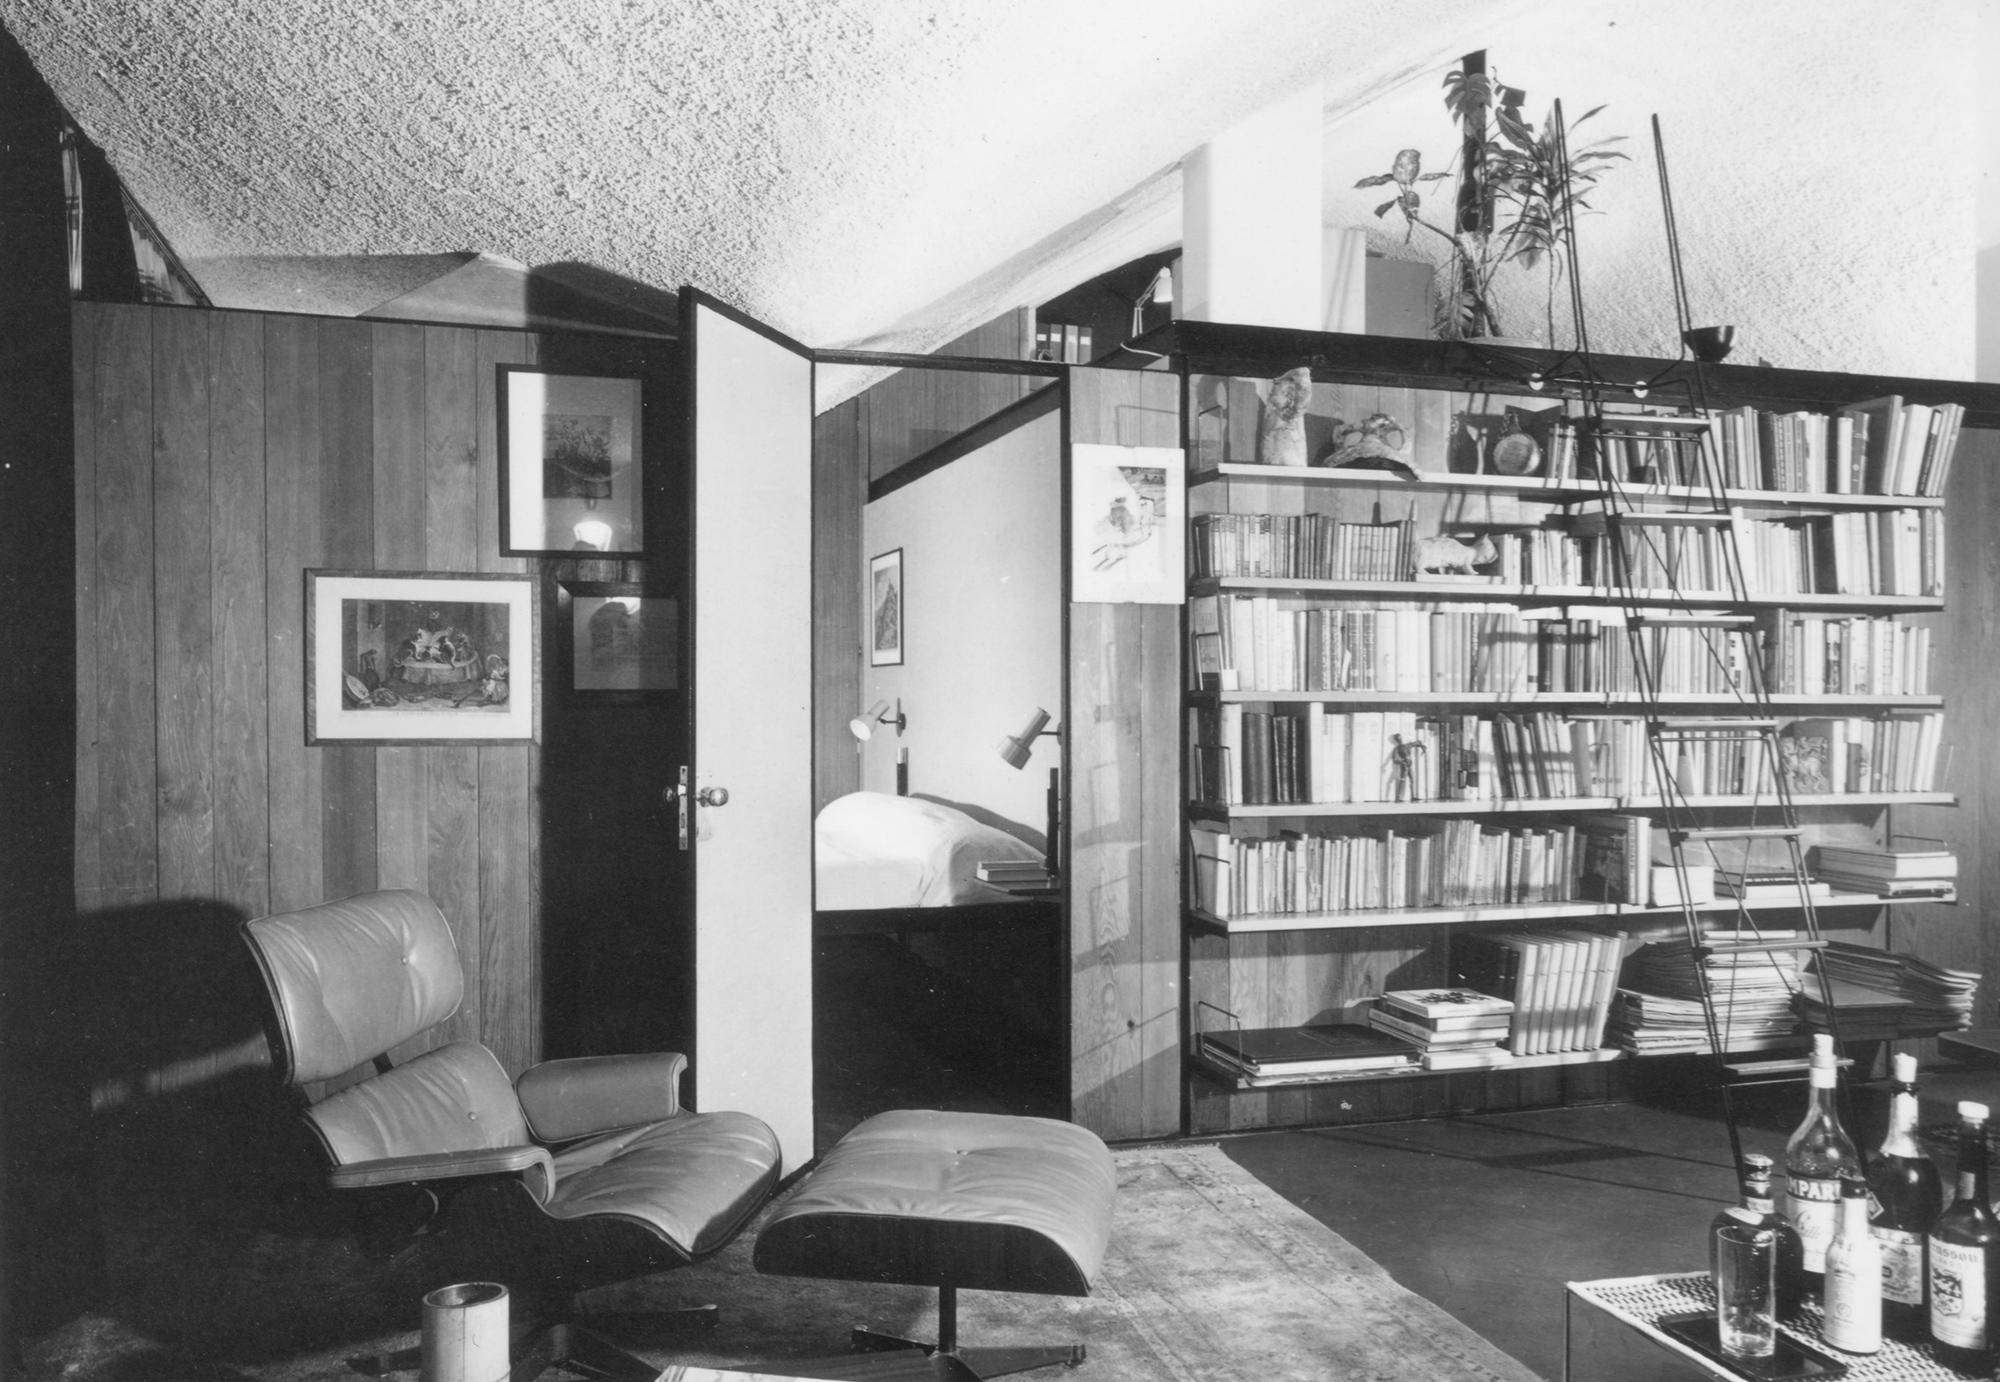 Architetture d interni bbarch for Architetture di interni casa